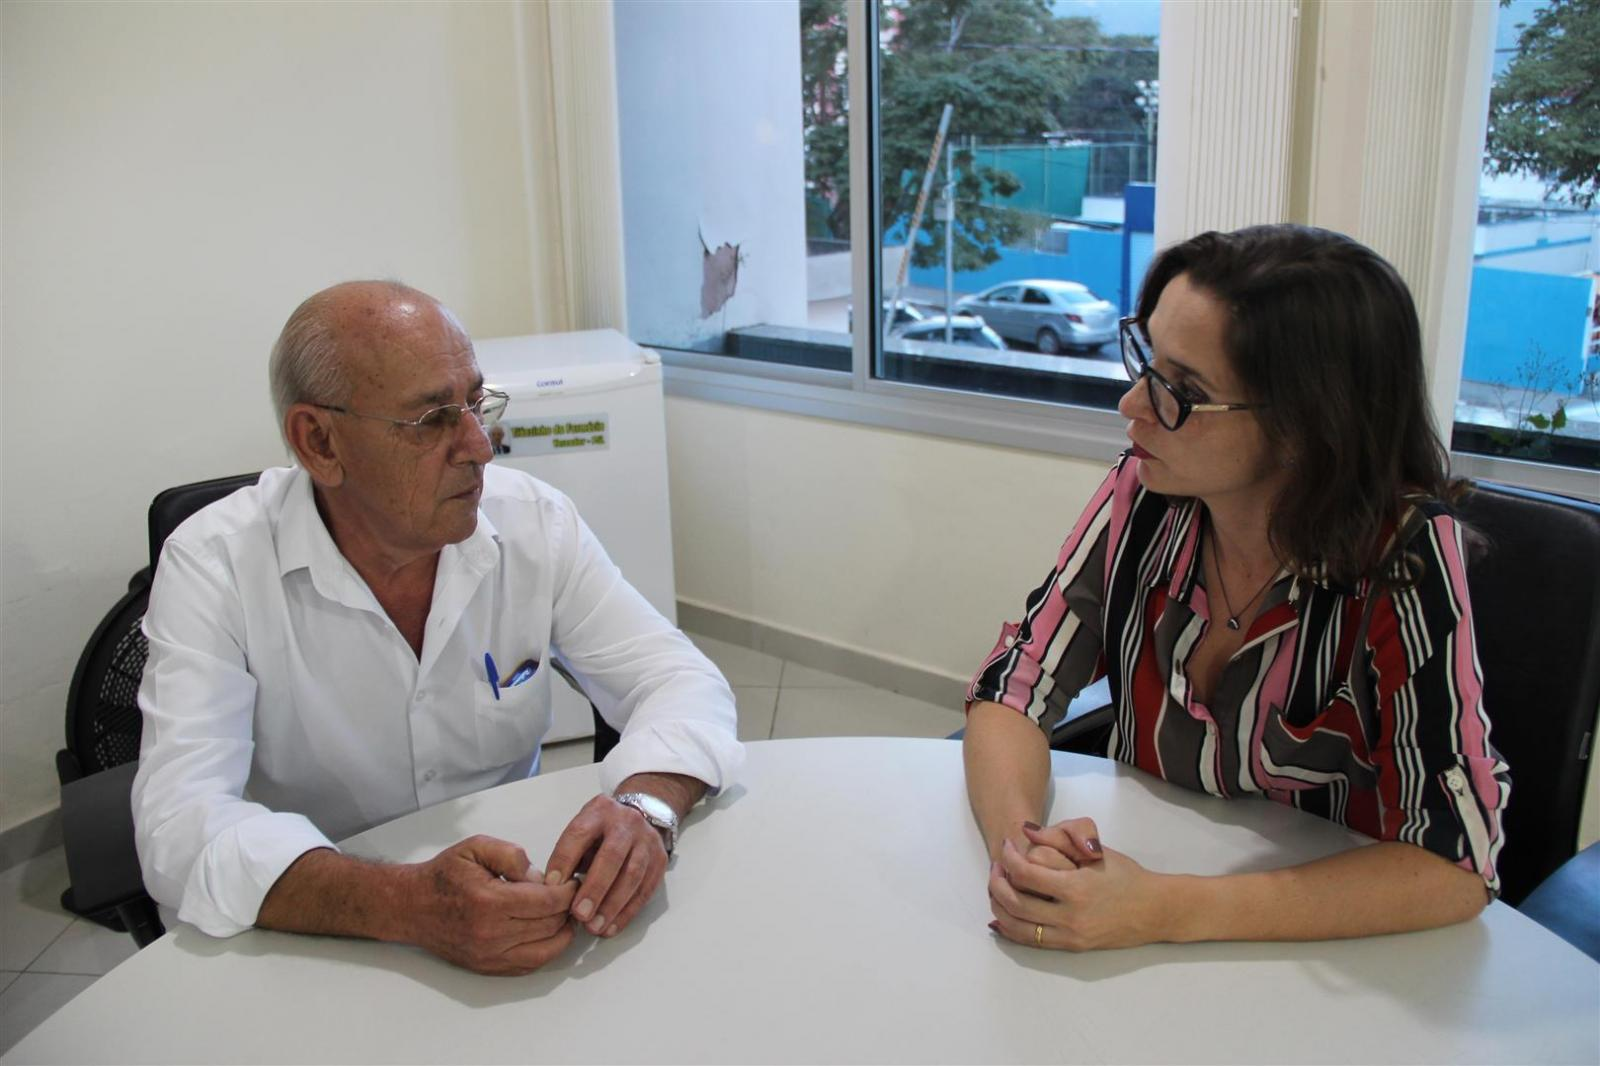 UNIFAAT afirma parceria com a Câmara Municipal de Atibaia